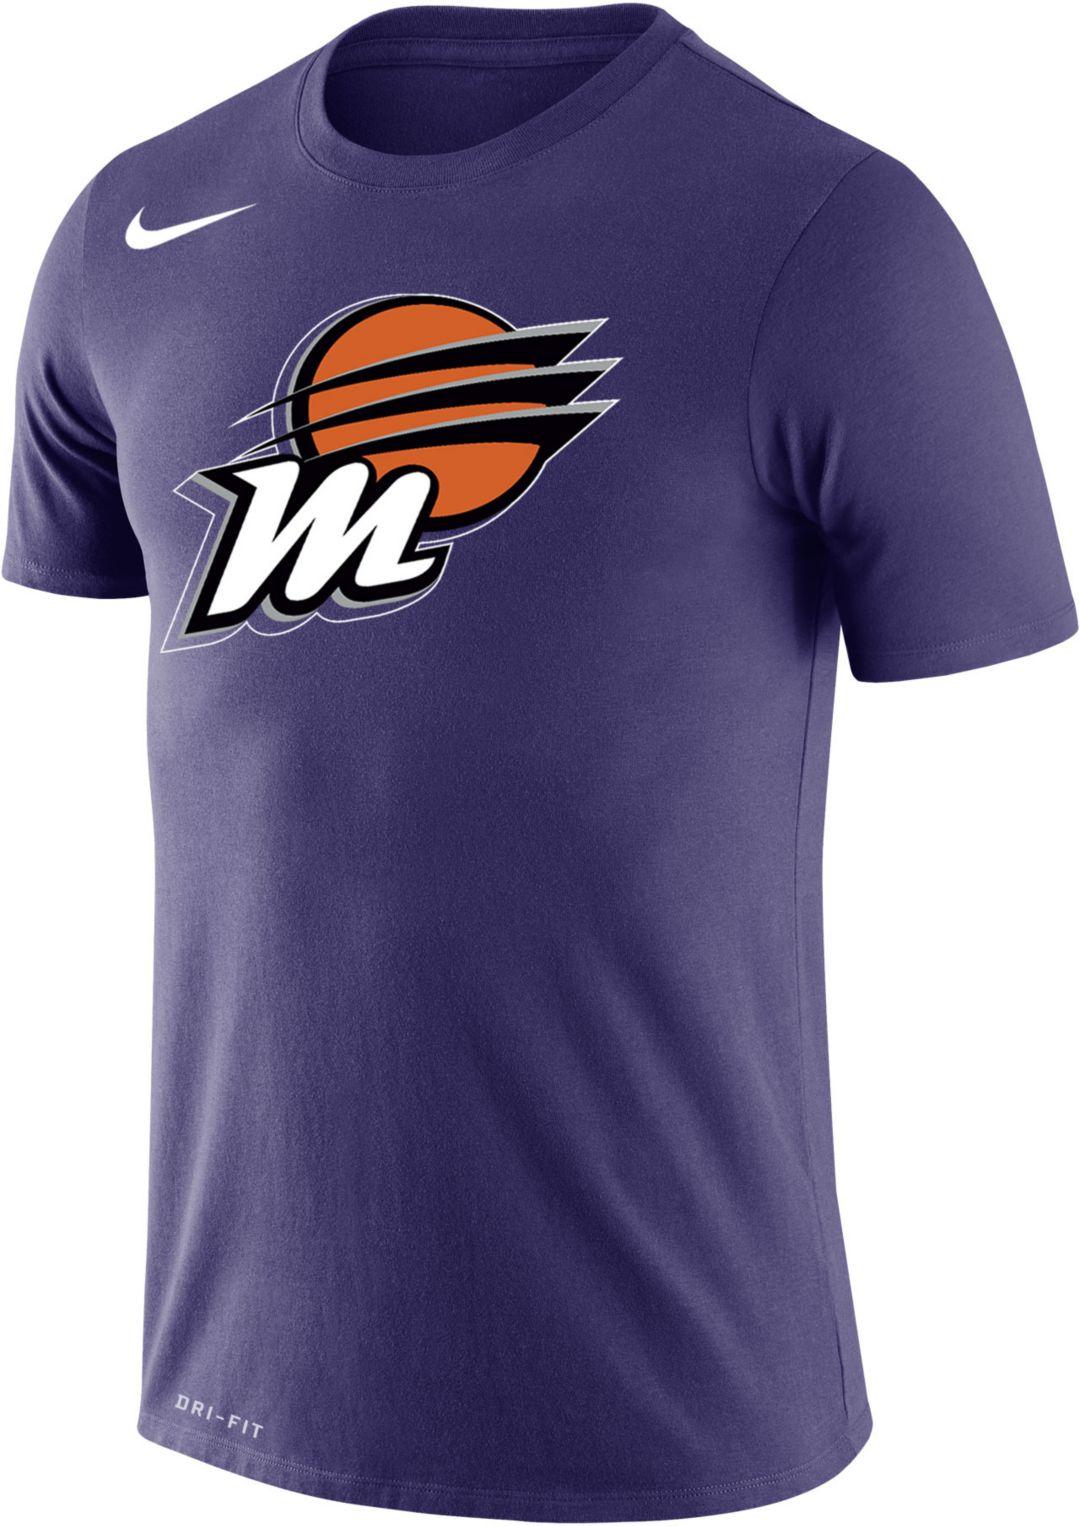 9f70d8fc8f5 Nike Adult Phoenix Mercury Dri-FIT Purple T-Shirt